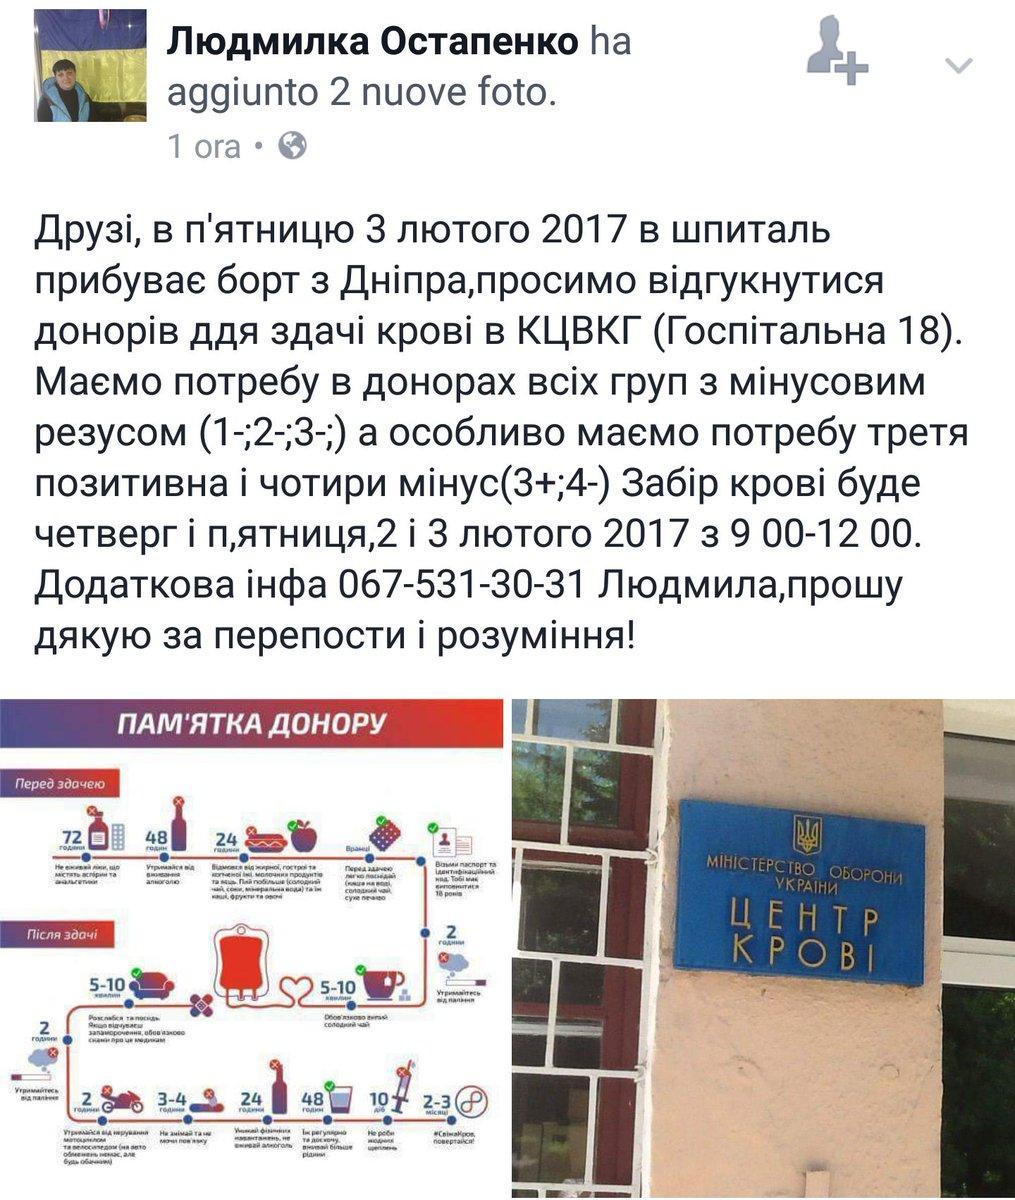 Украинский военный атташе вызван в Минобороны РФ из-за инцидента с АН-26 - Цензор.НЕТ 2680